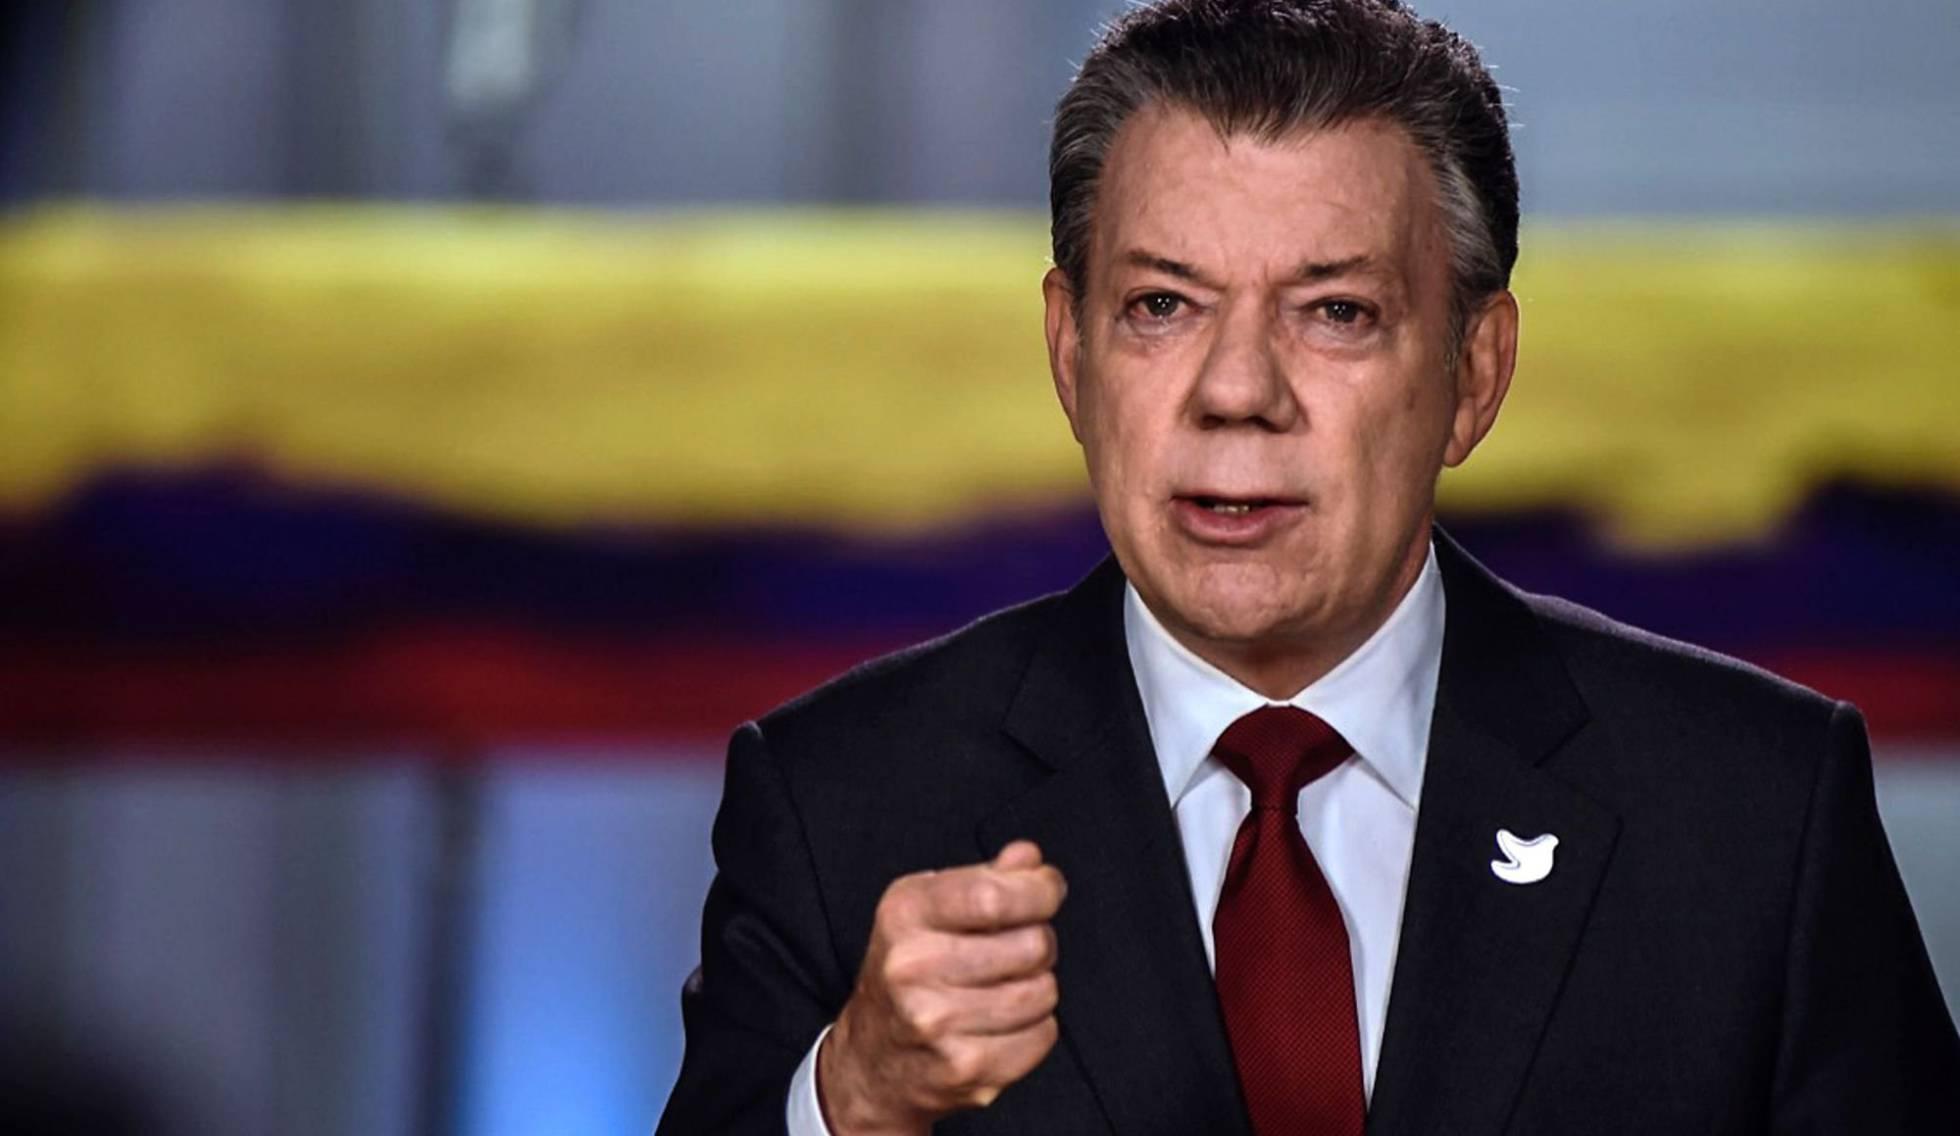 Novo pacto pela paz na Colômbia expõe divisão política e apatia da população